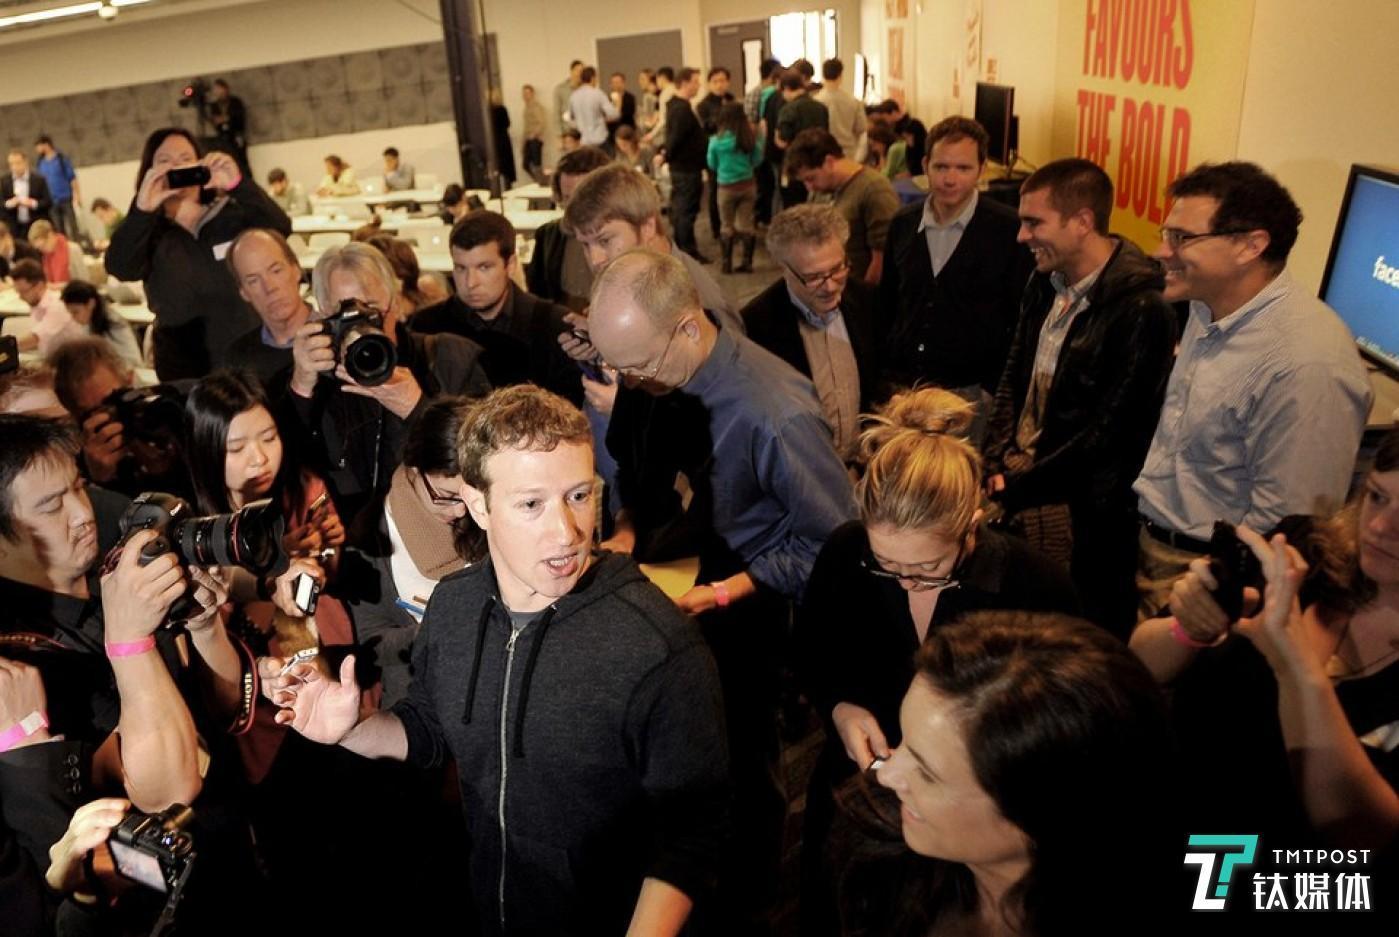 Facebook正陷入前所未有的内容危机风波之中 Photograph by Josh Edelson/AFP/Getty Images 来源:Vanity Fair